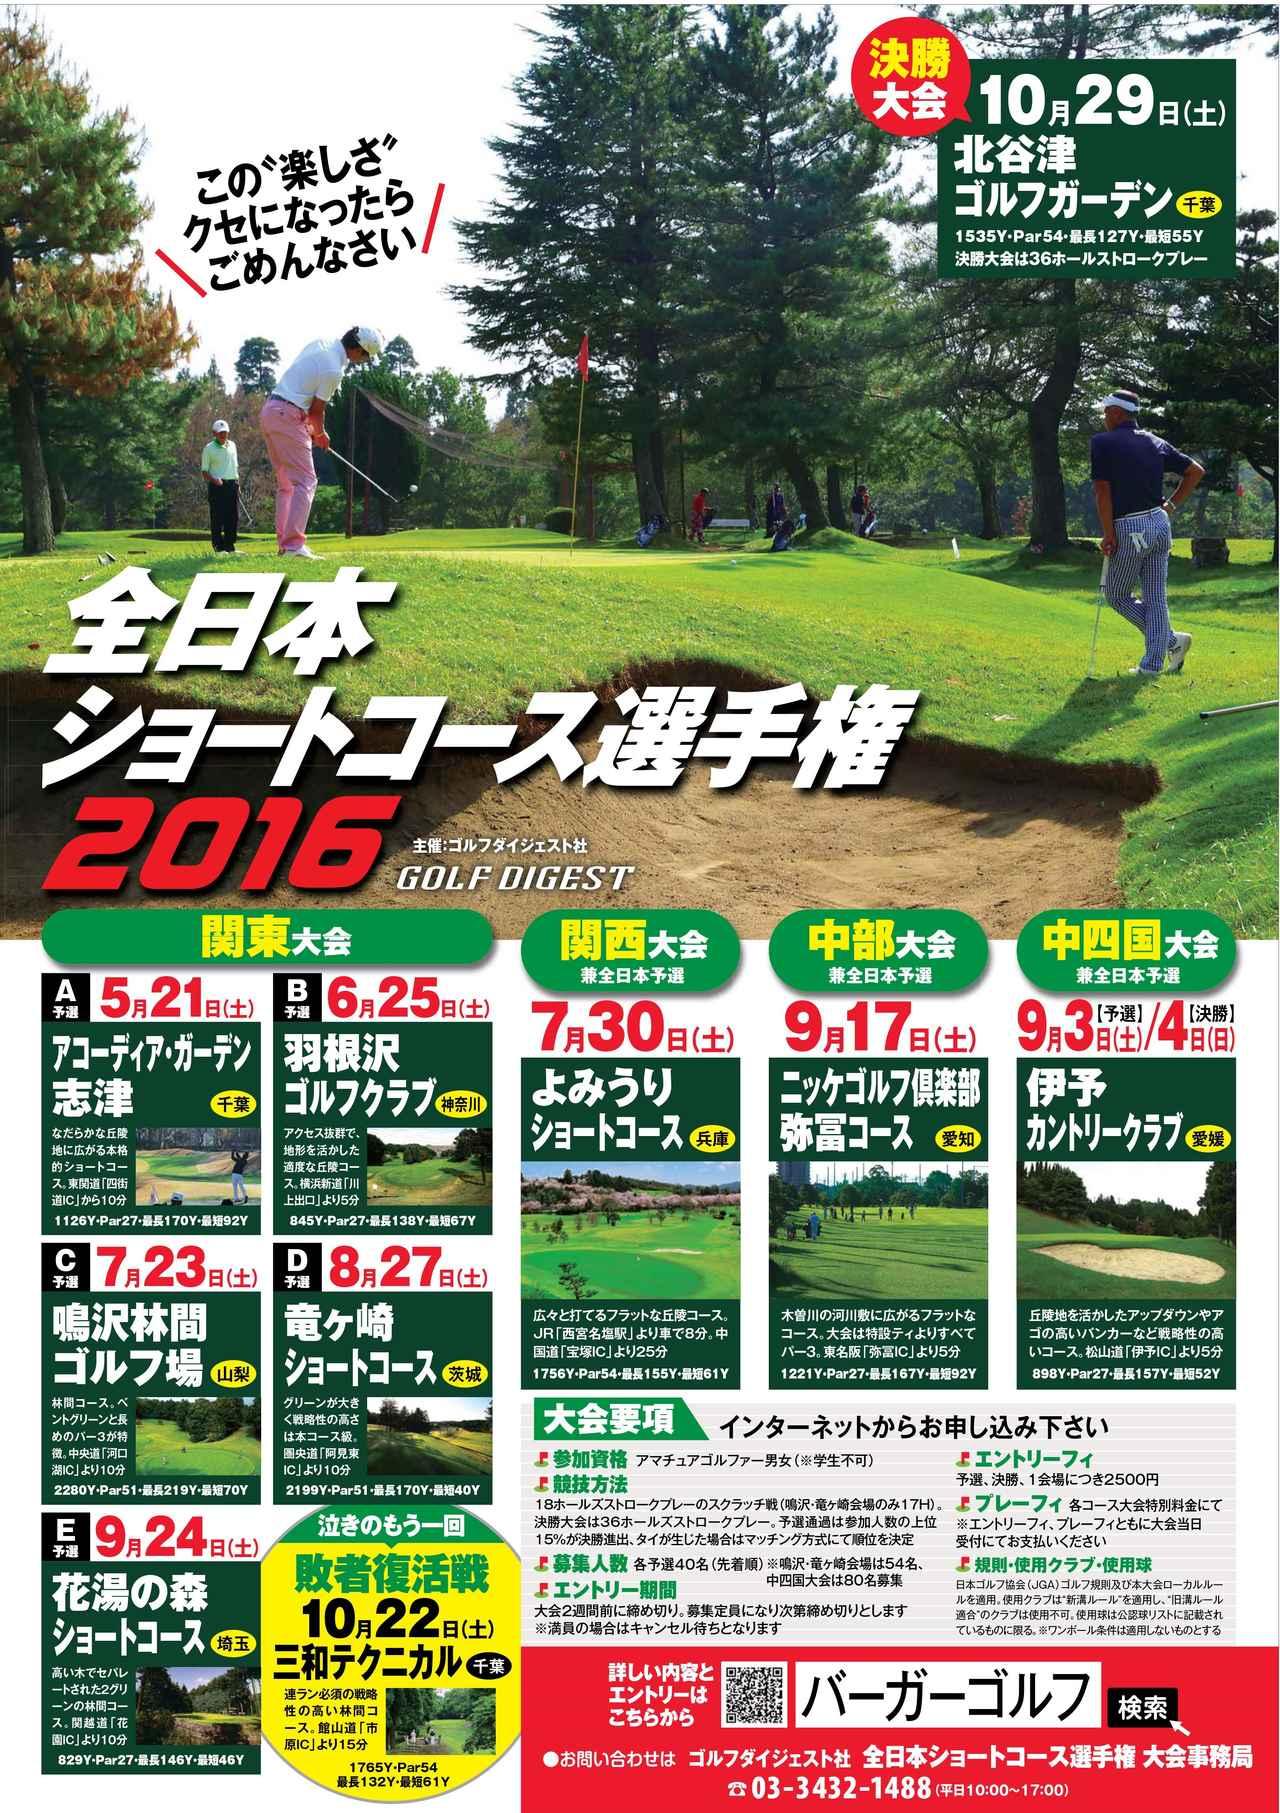 画像: 全日本ショートコース選手権2016  いよいよエントリー開始!